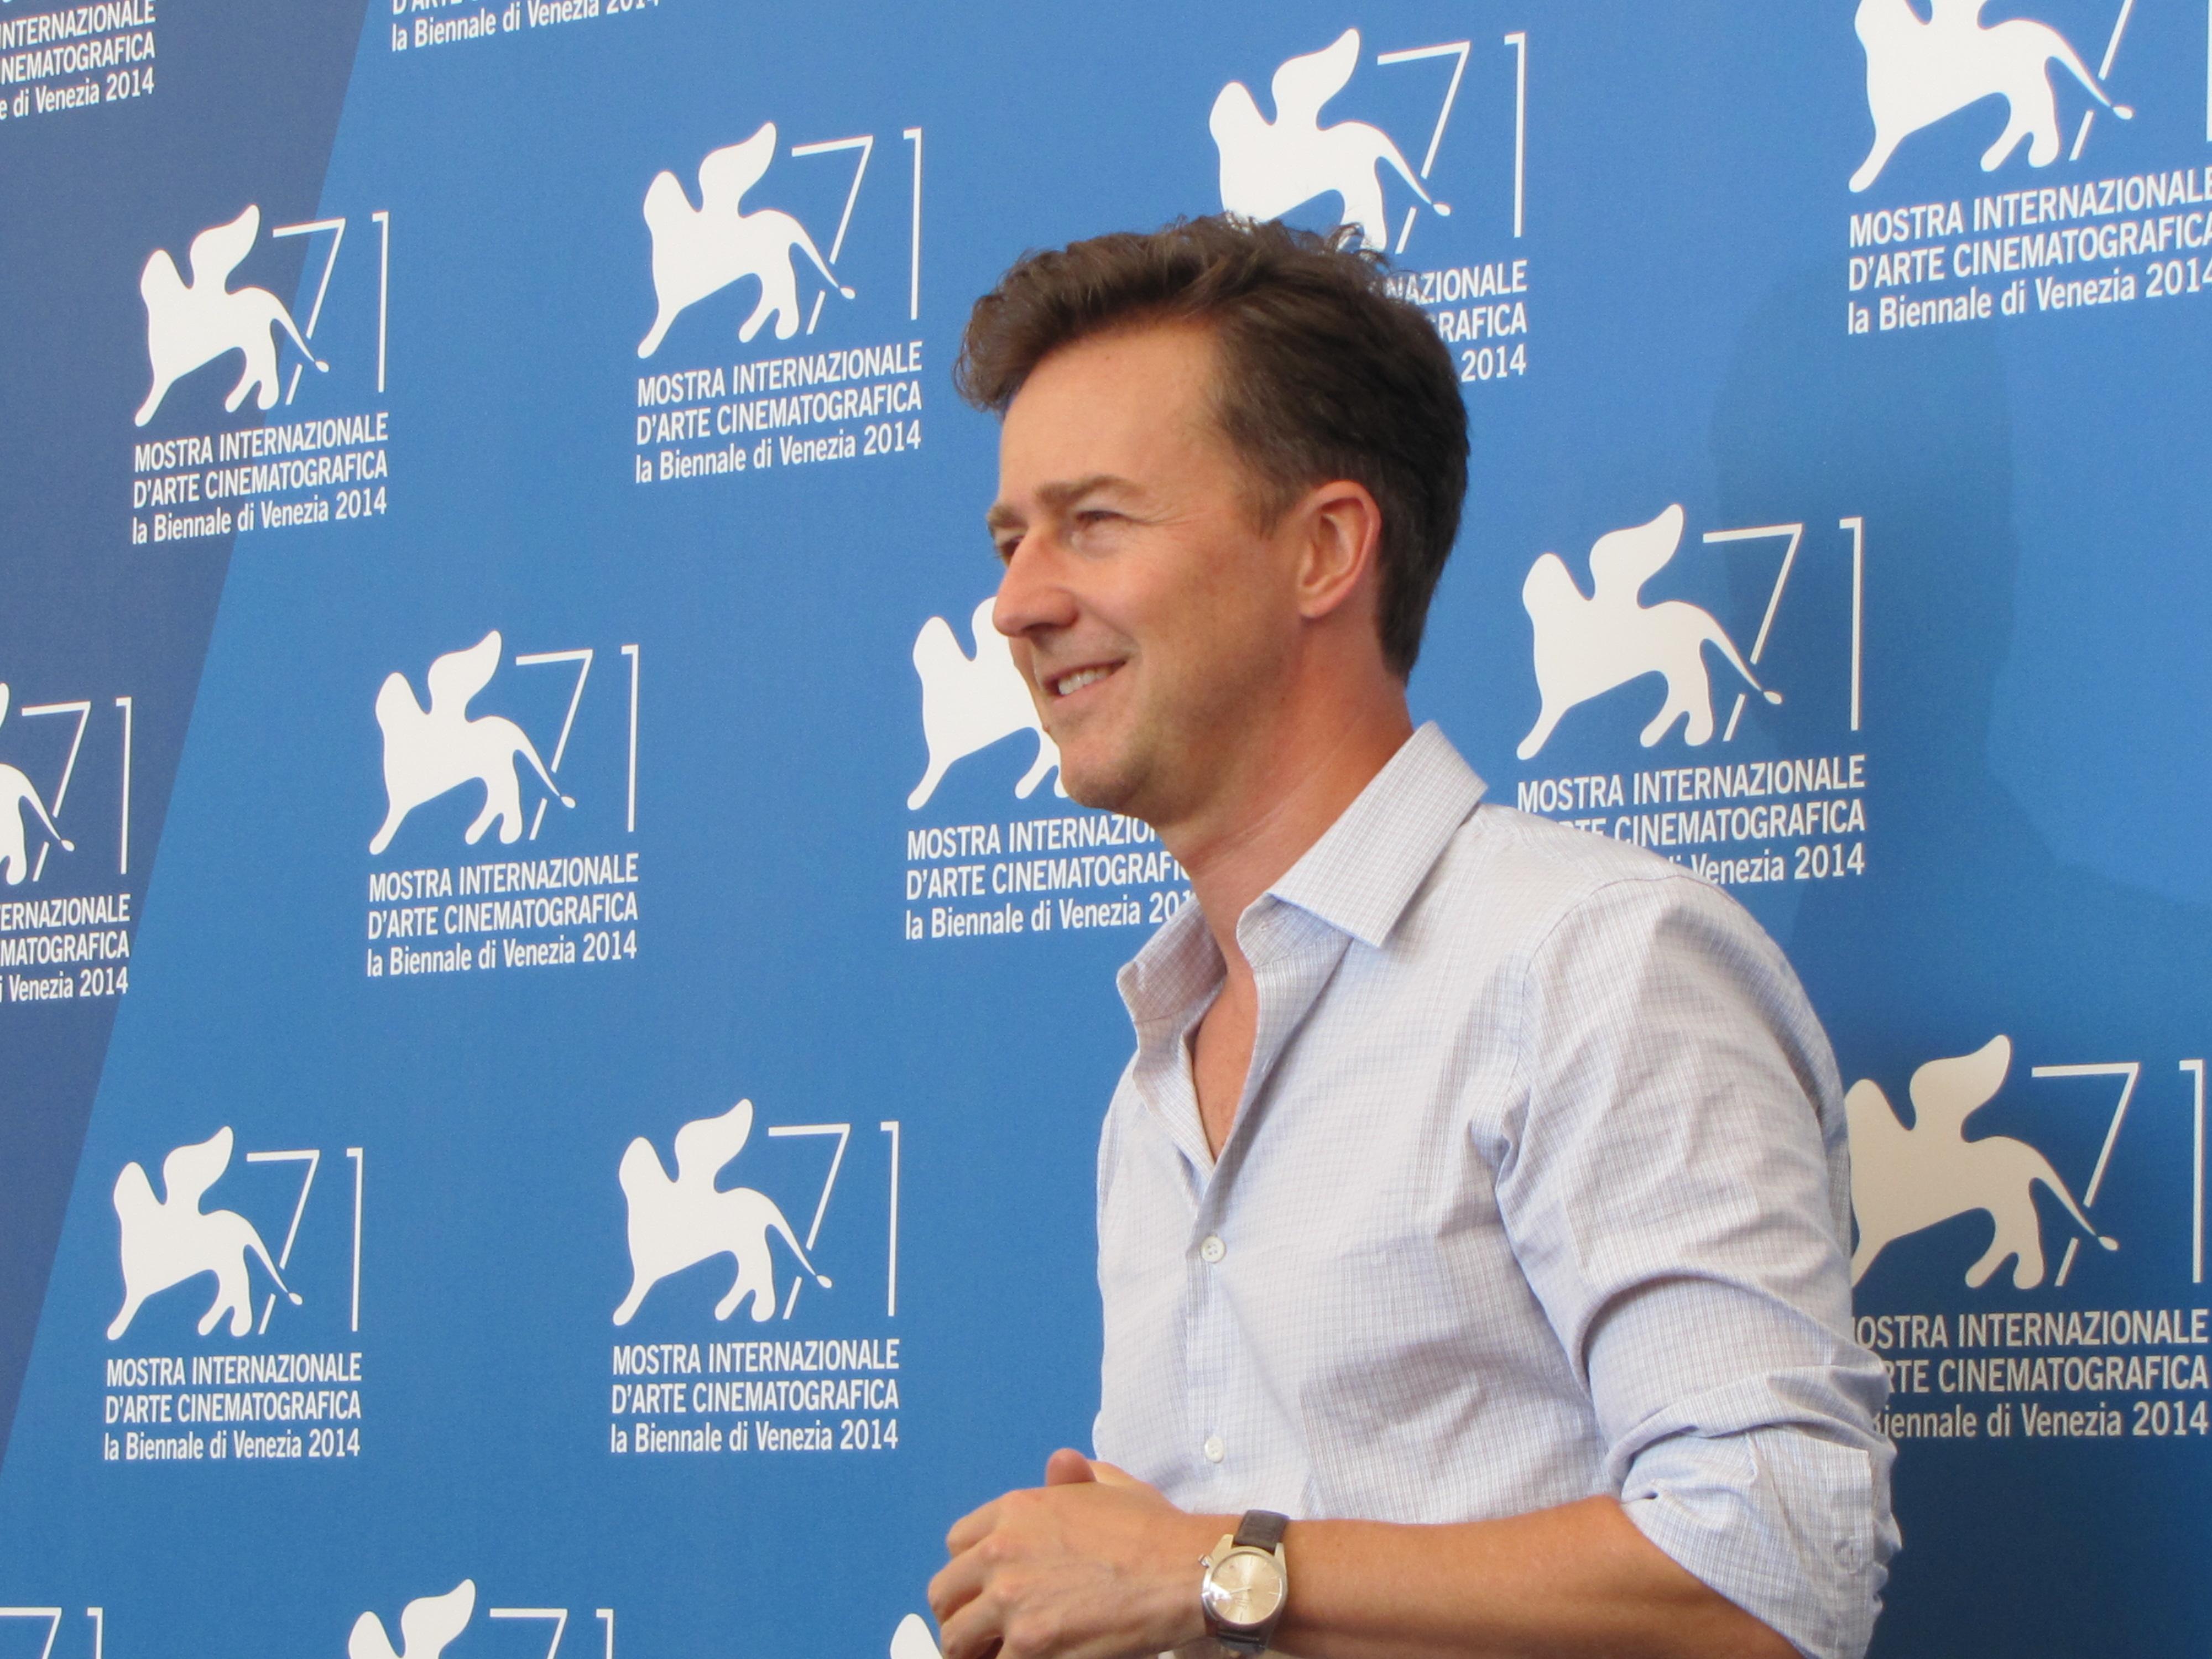 Edward Norton presenta Birdman a Venezia 71, nel 2014